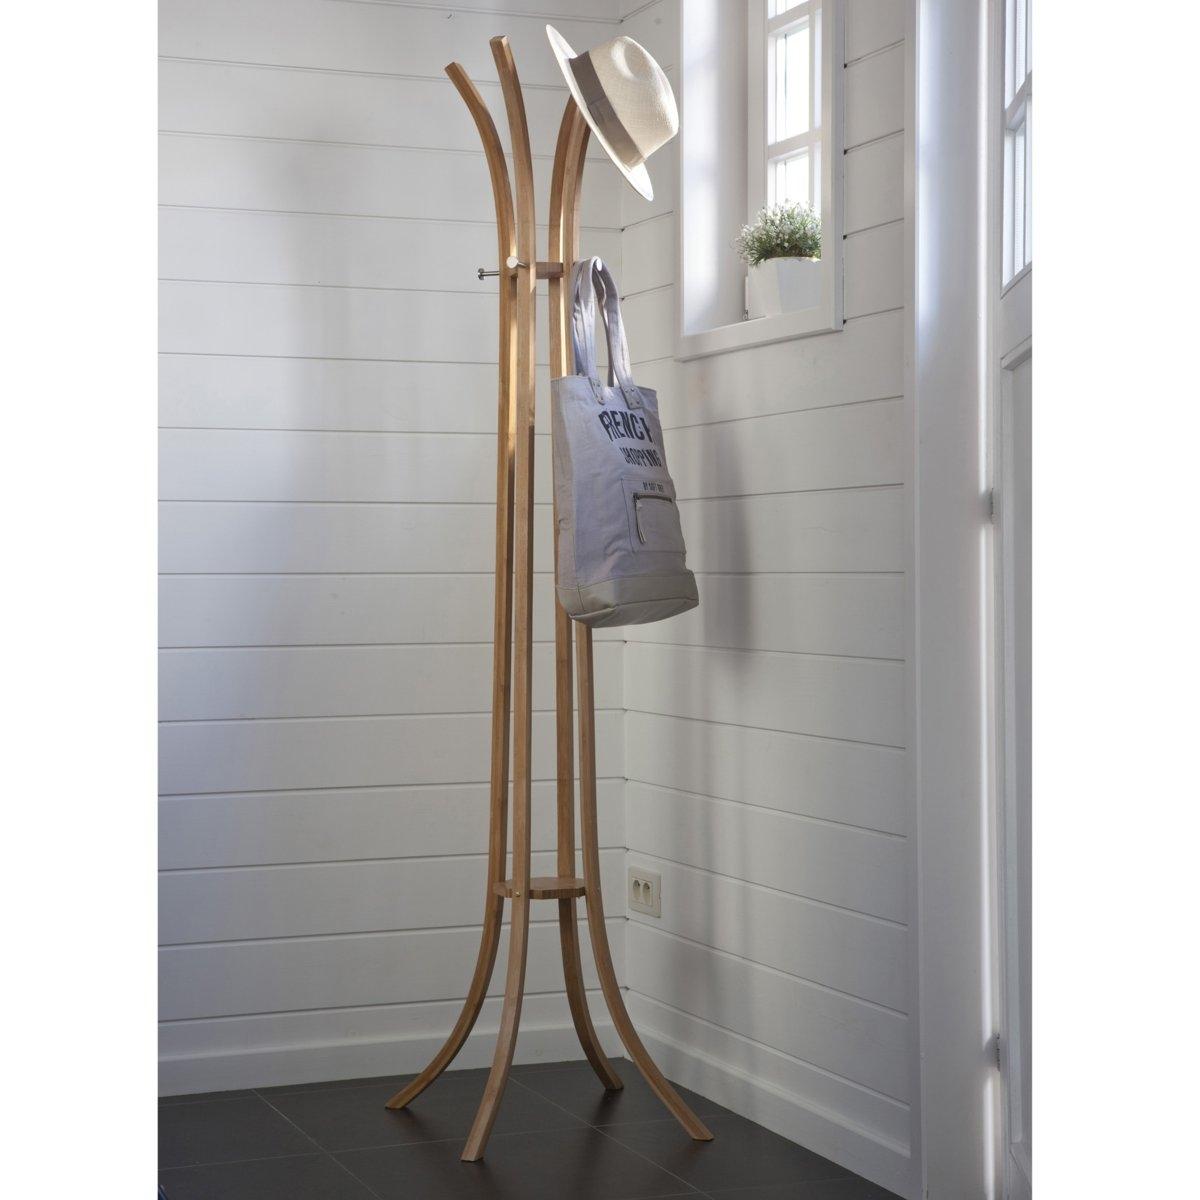 Стойка-вешалка напольная с 4 планками Teepi из бамбука